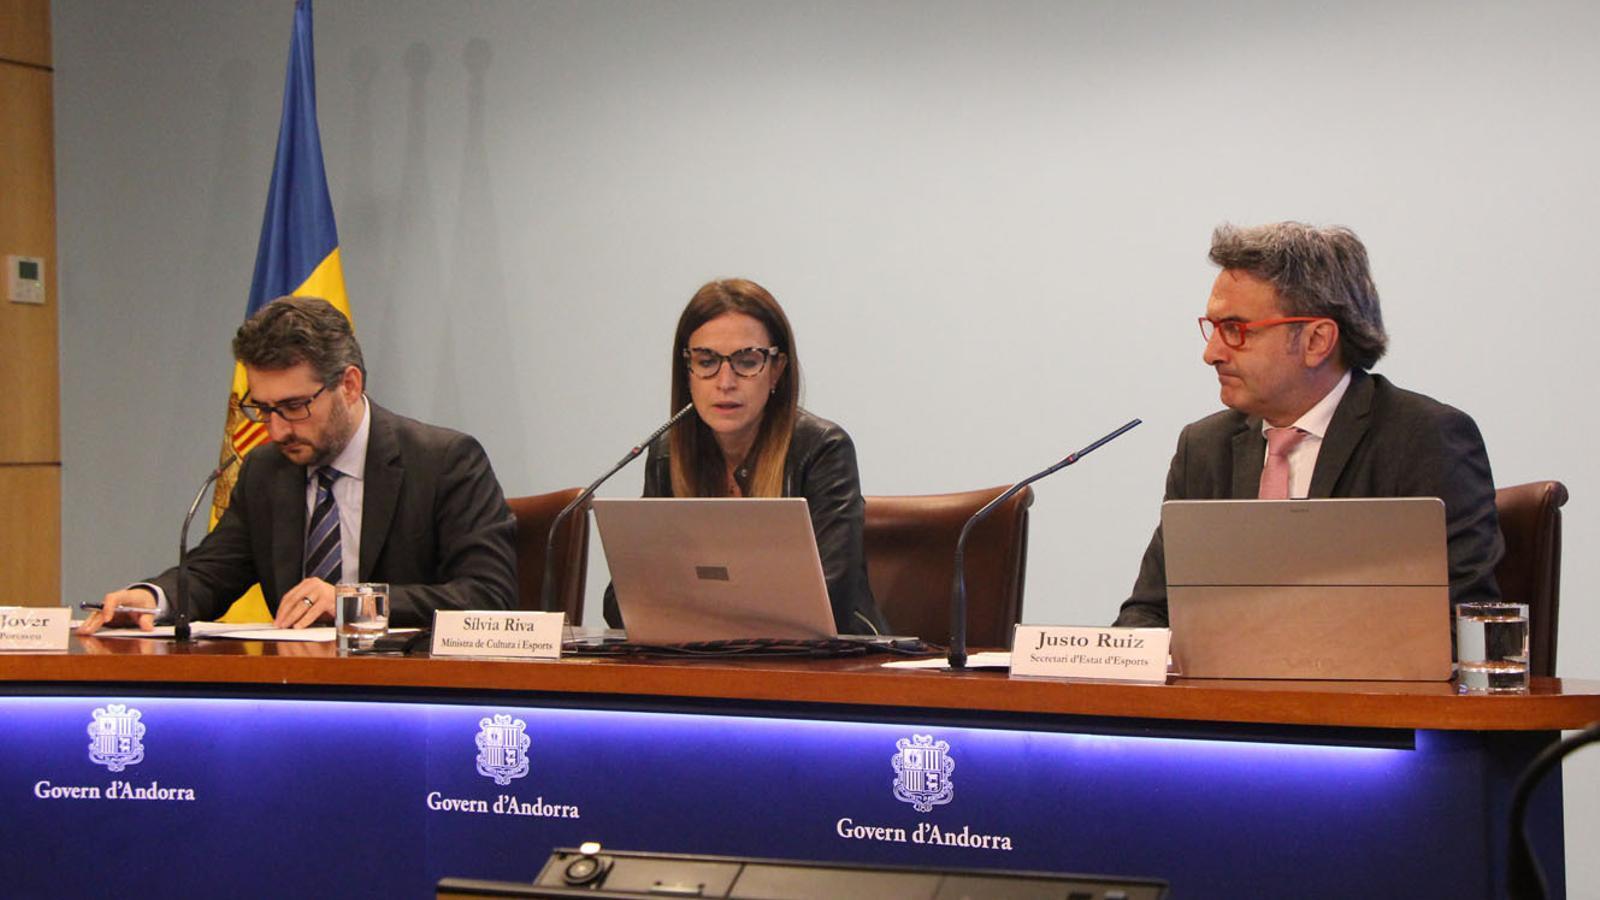 El ministre portaveu, Eric Jover; la ministra de Cultura i Esports, Sílvia Riva, i el secretari d'Estat d'Esports, Justo Ruiz, durant la presentació dels becats pel Programa d'Alt Rendiment (ARA). / M. P. (ANA)